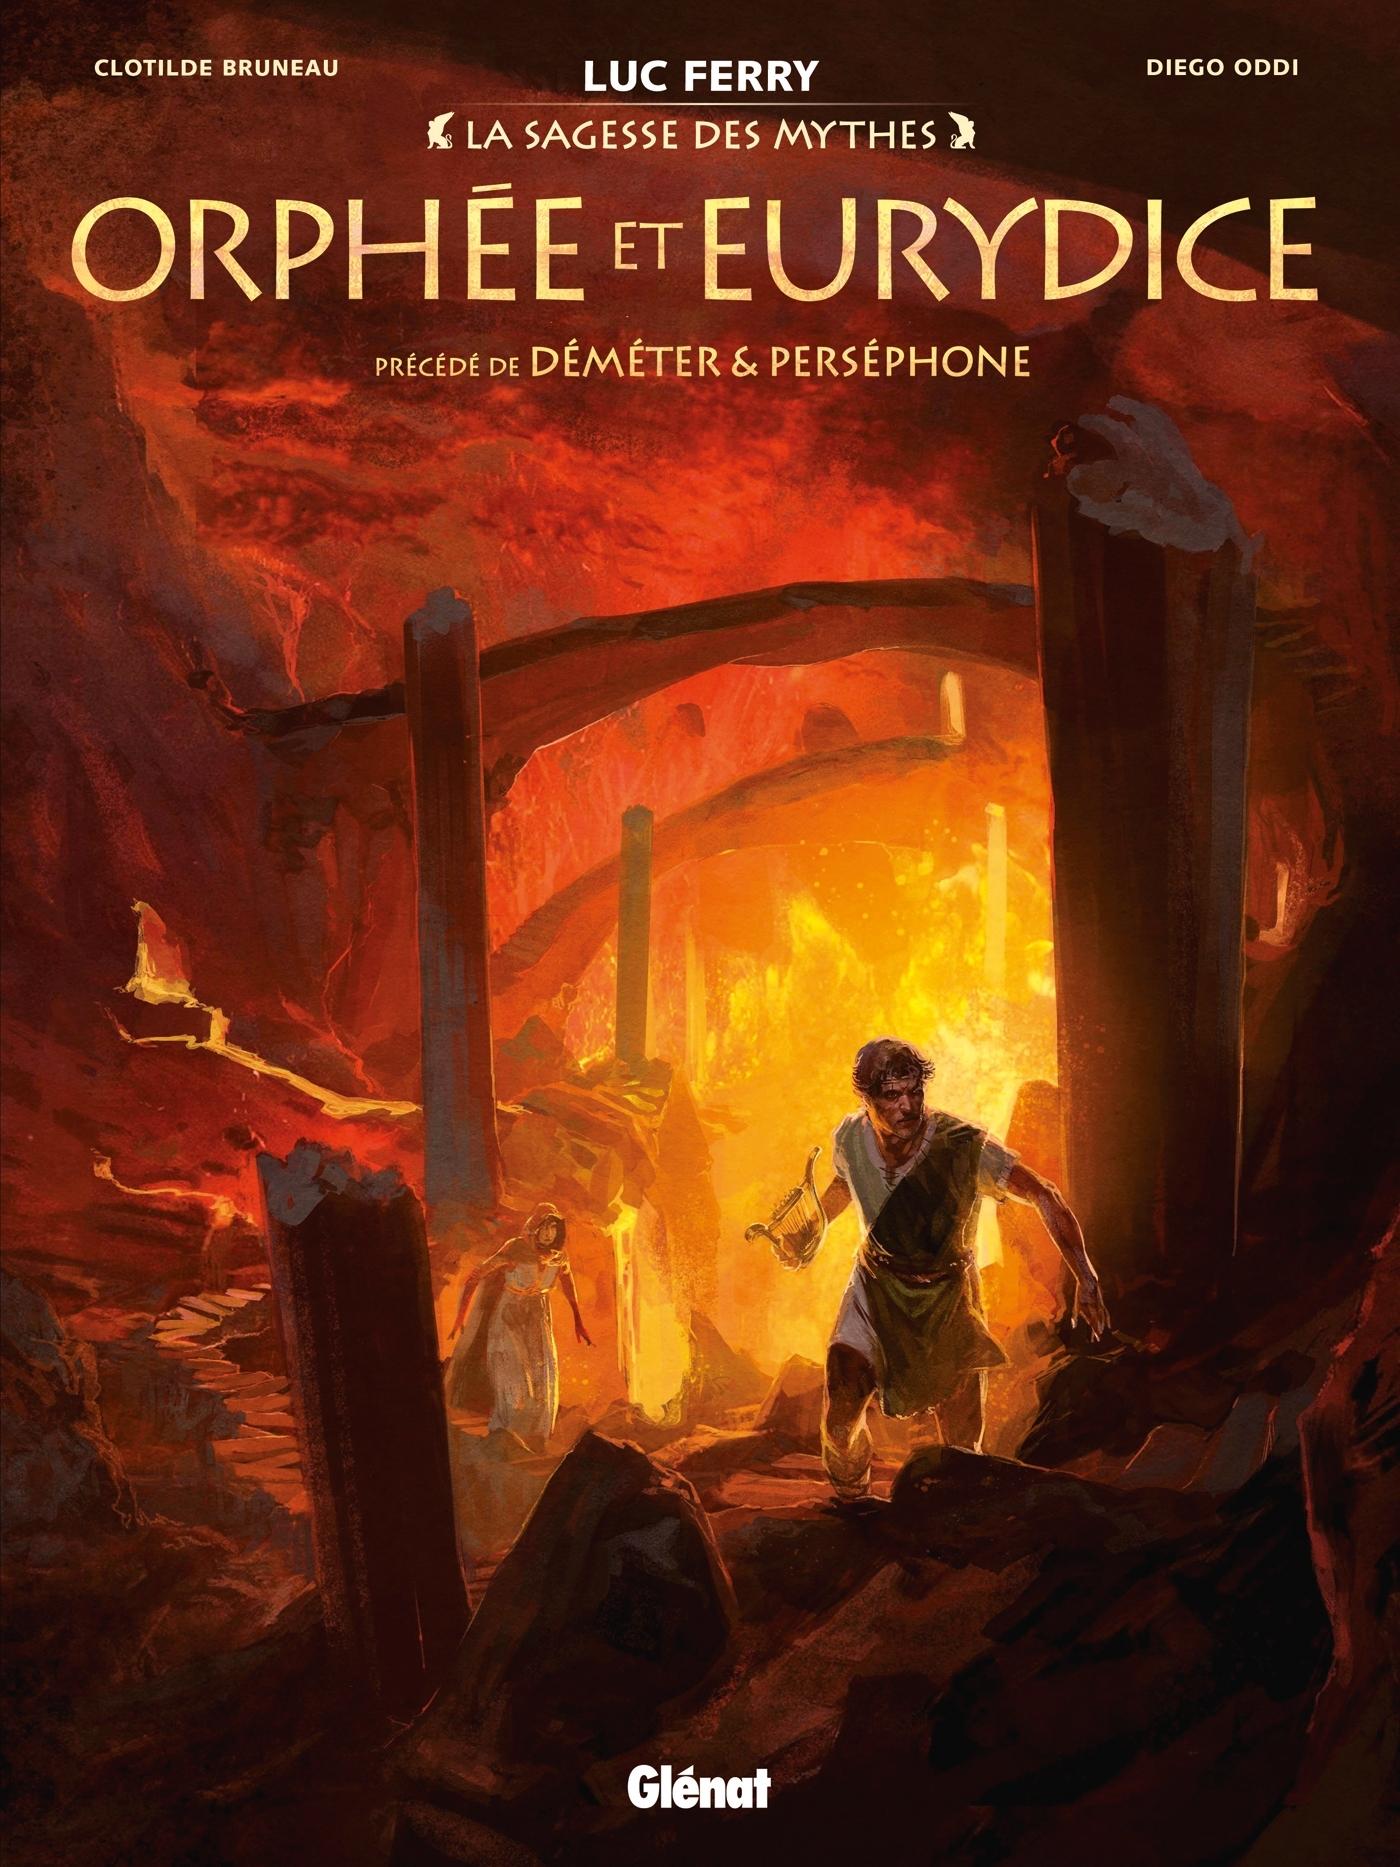 ORPHEE ET EURYDICE - PRECEDE DE DEMETER & PERSEPHONE